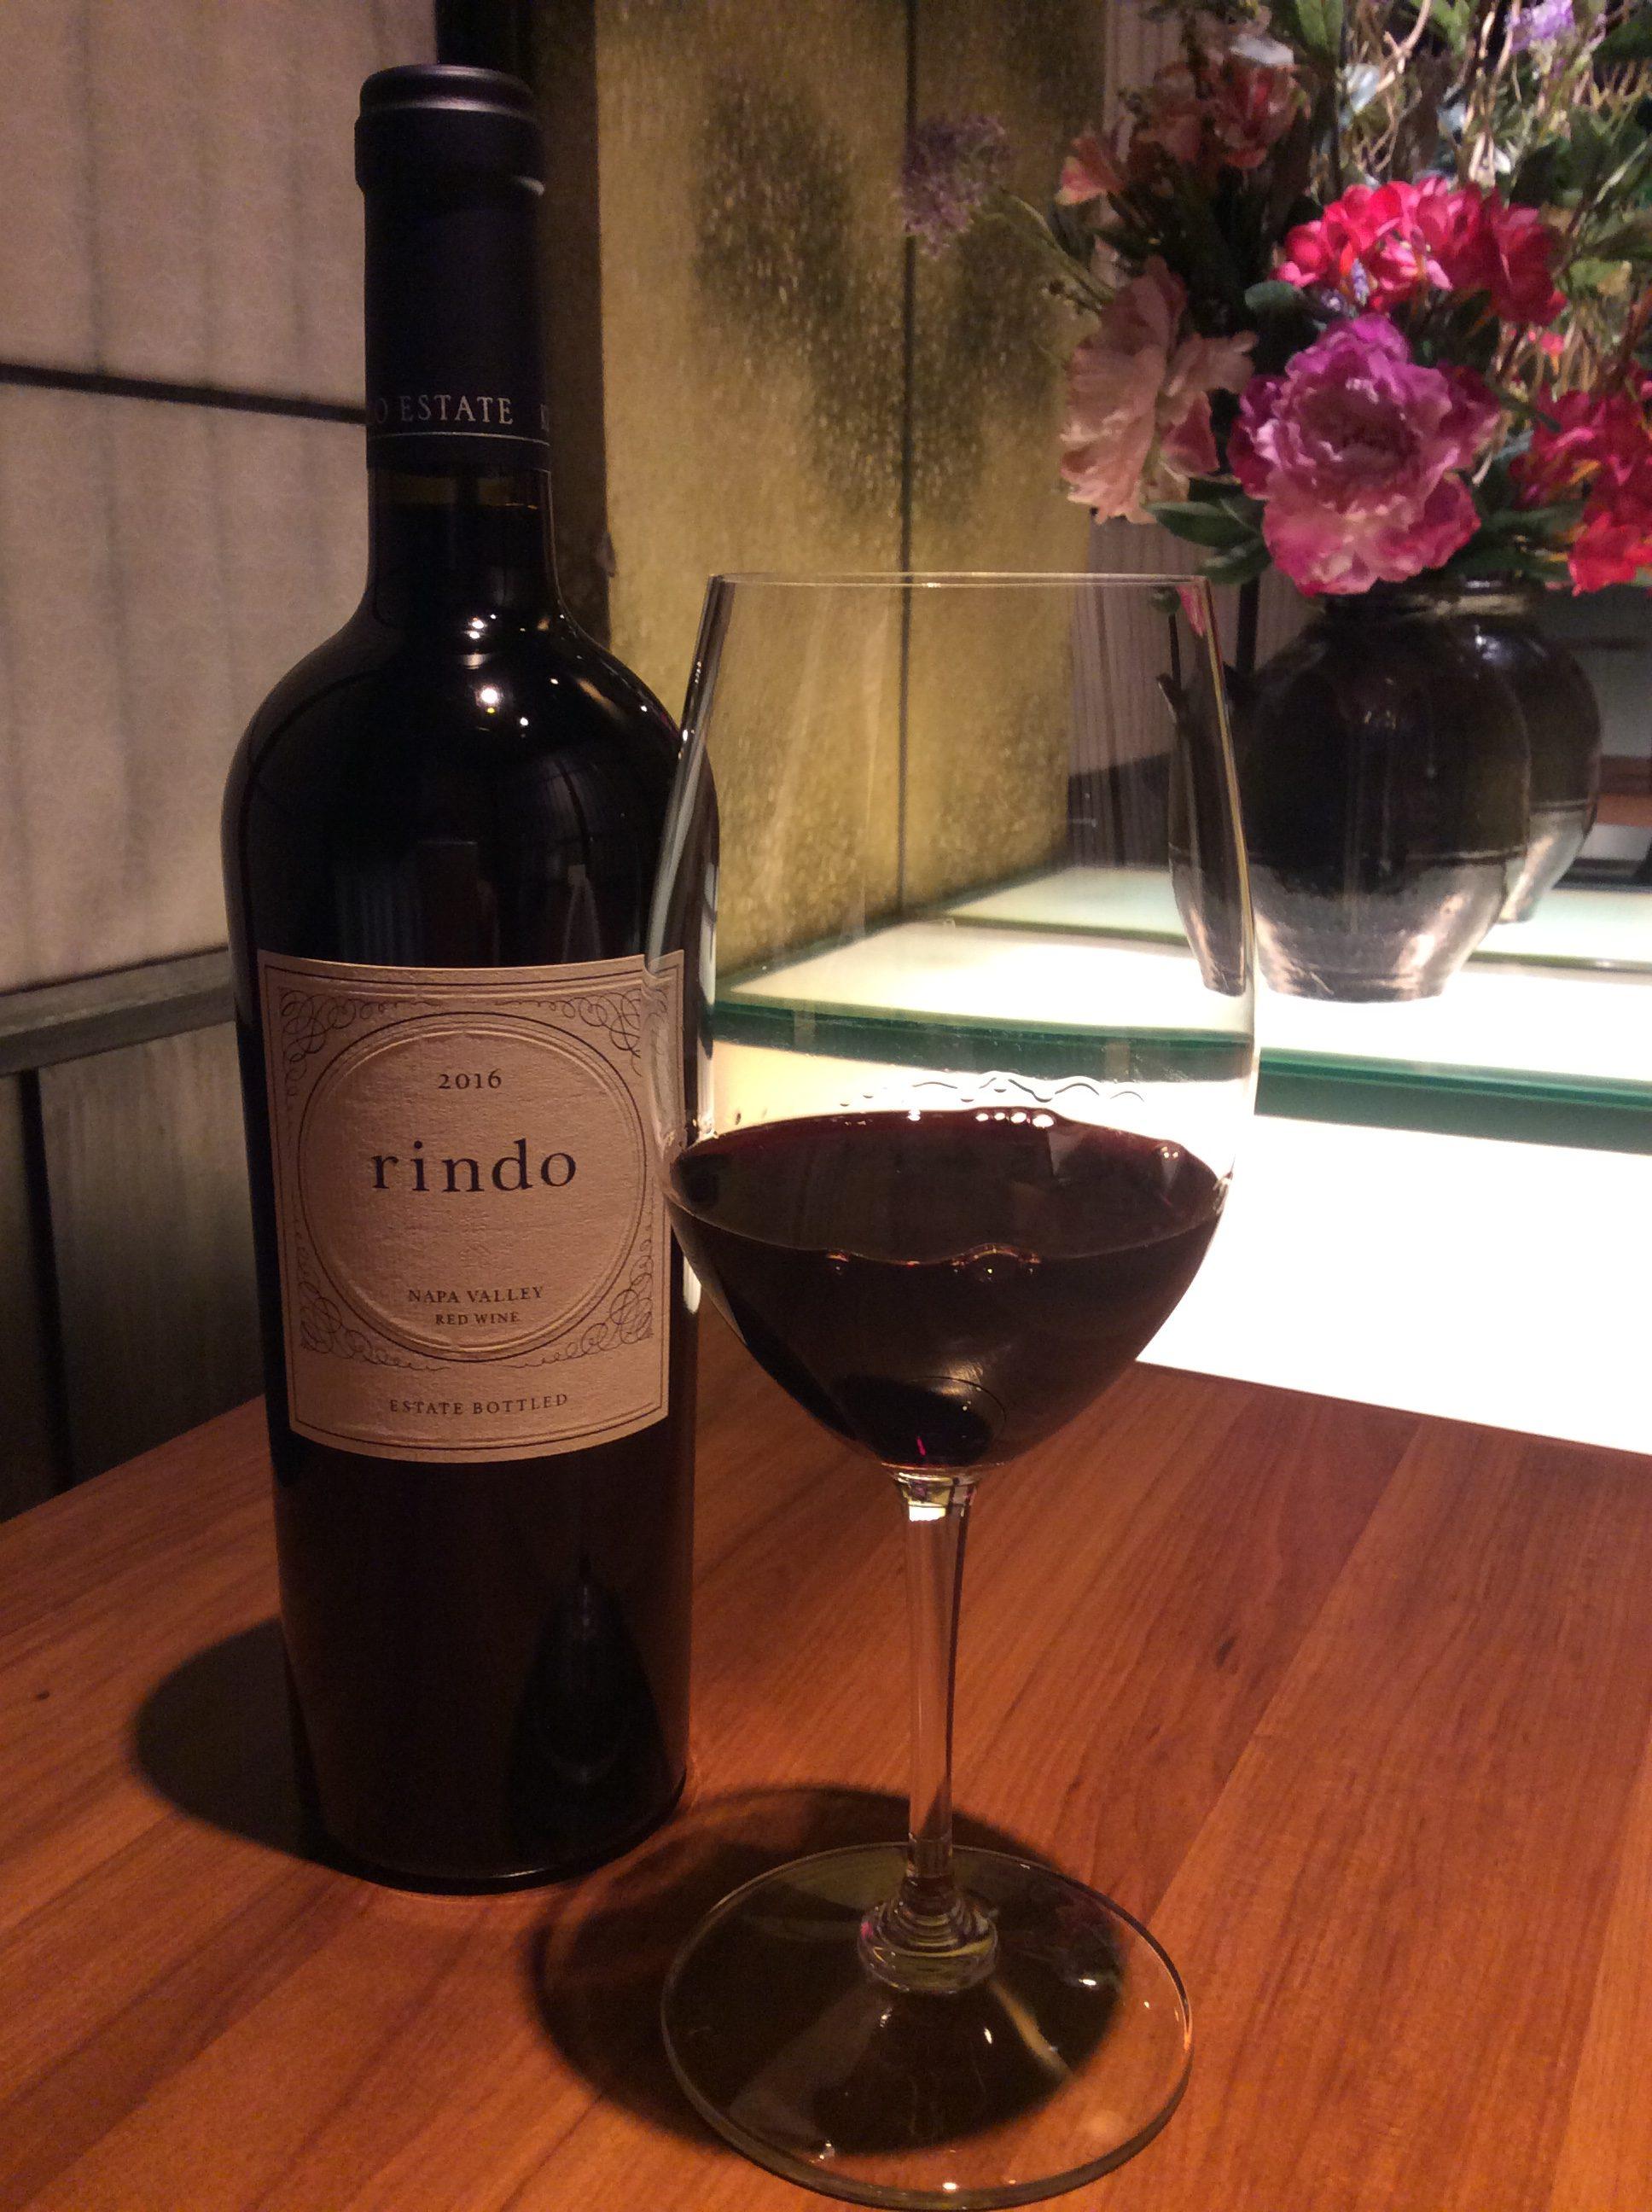 横浜でステーキに合うワインが堪能できる【円居 -MADOy-横浜関内】